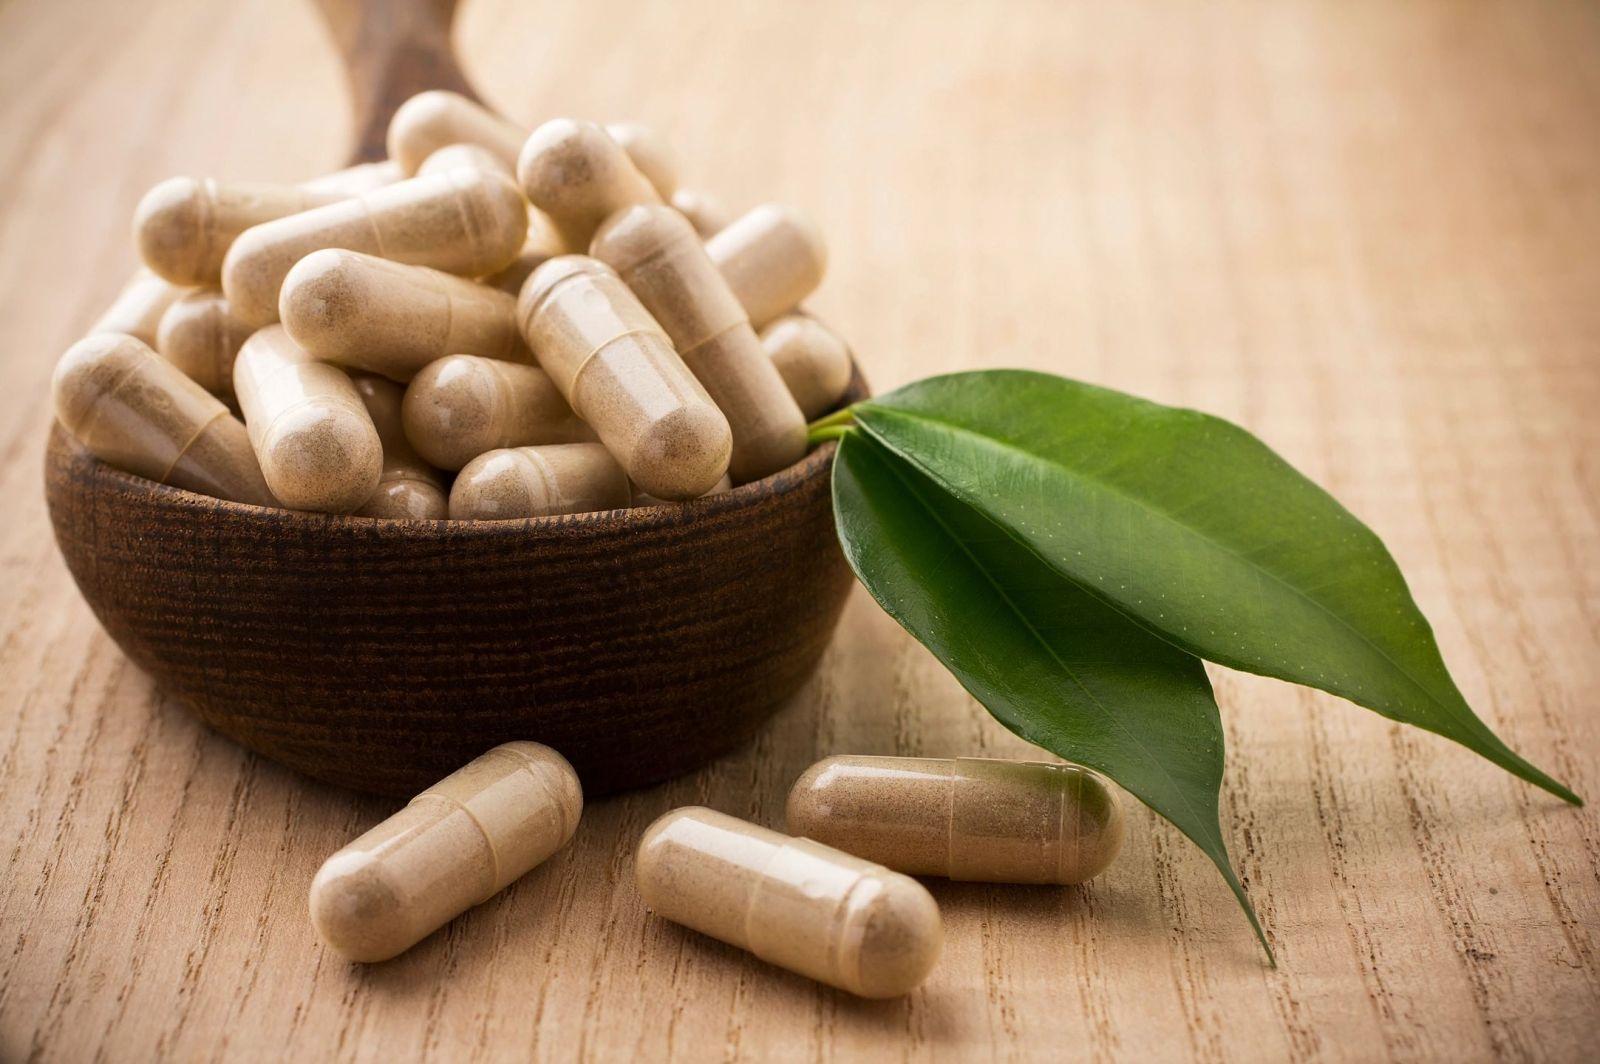 treatment using antibiotic